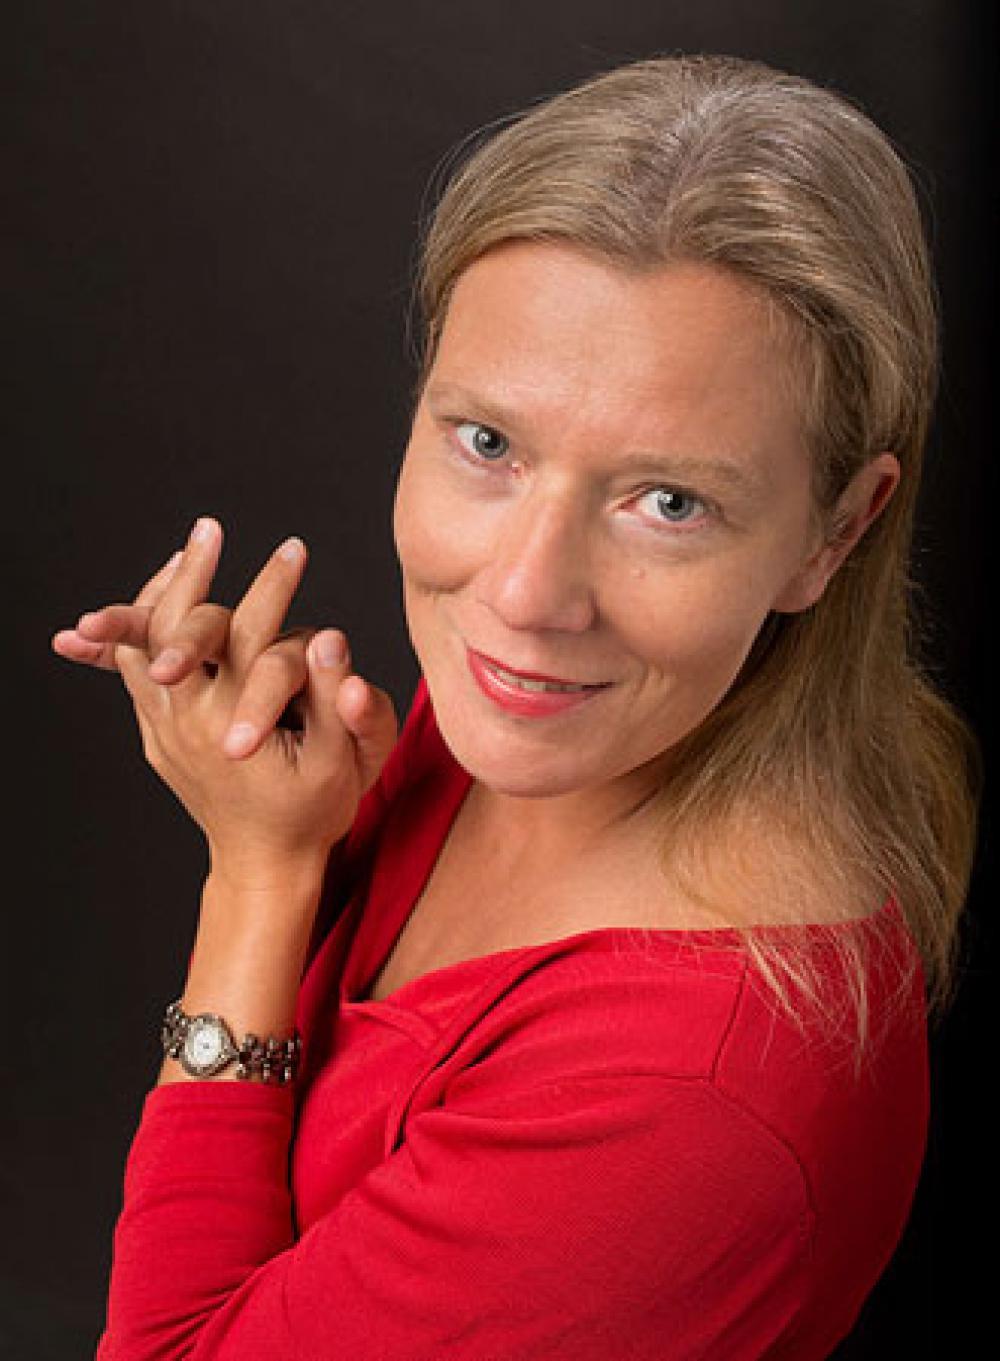 Schrijversloopje met Anne van Amstel